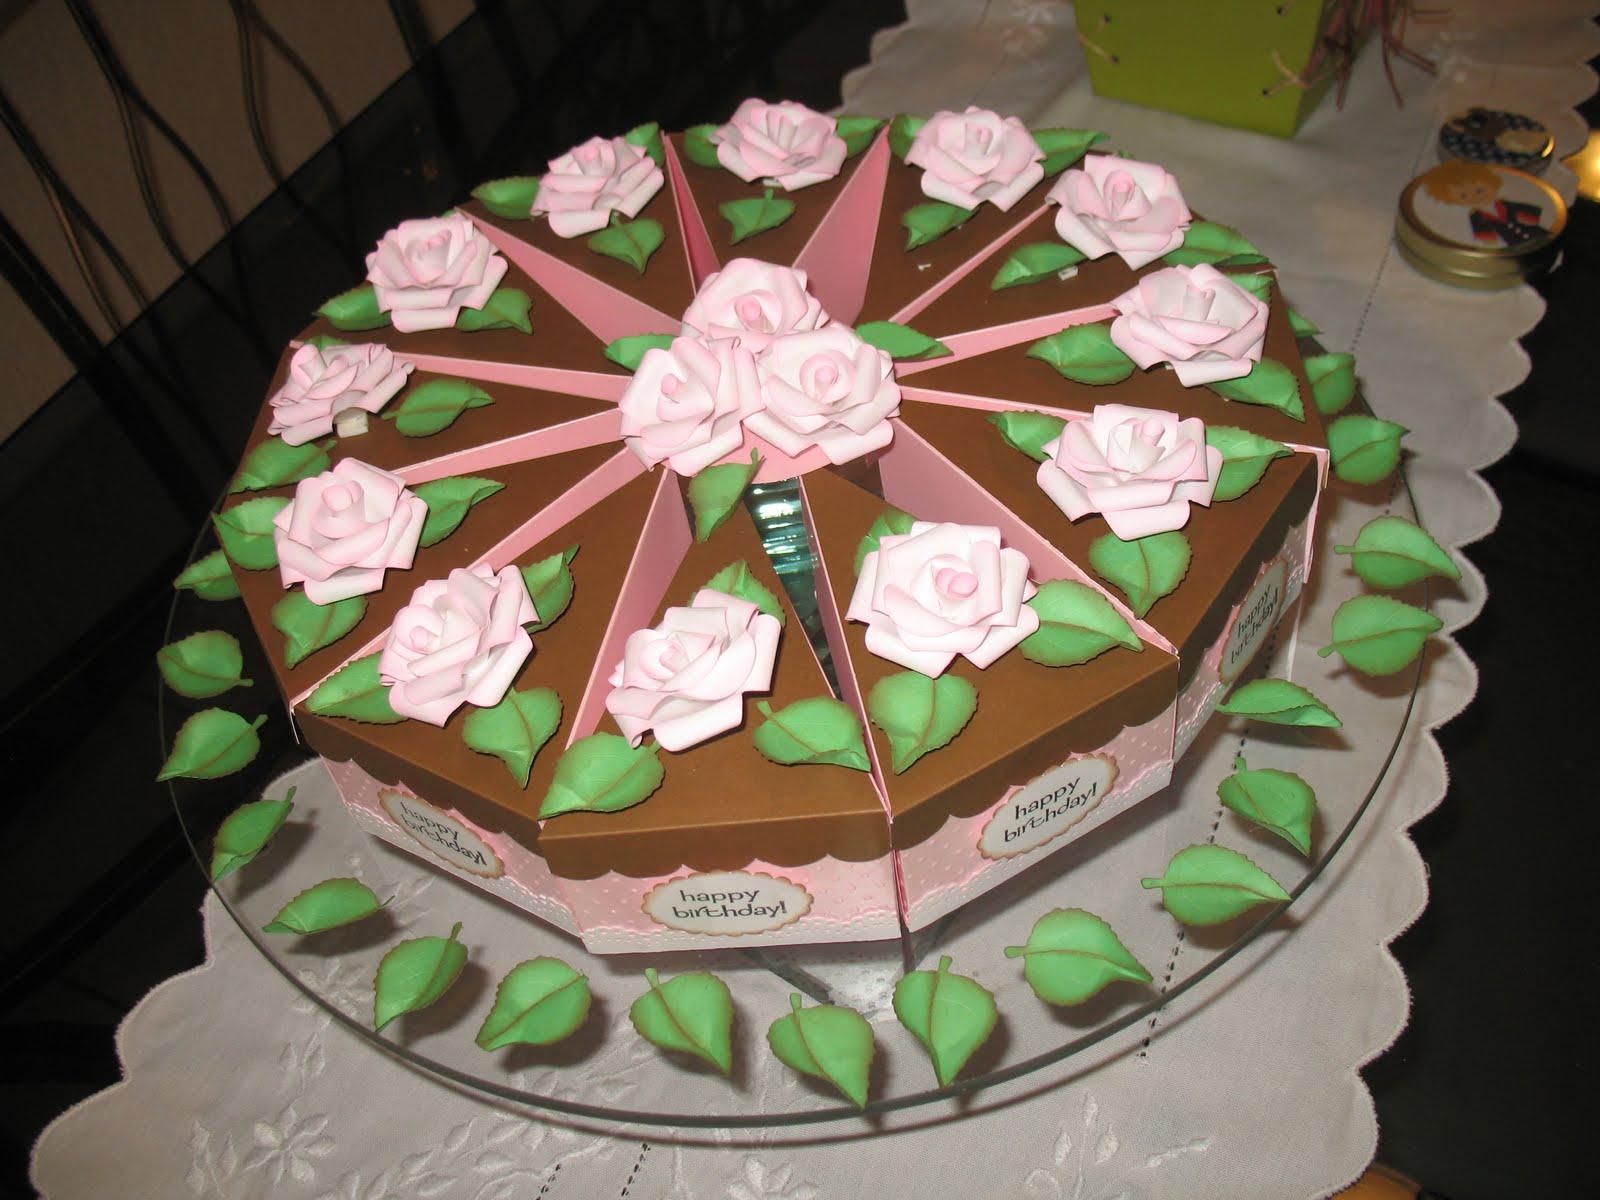 bolo-PA-007 Fatias decorativas de bolo falso com tampa ondulada - Bolo Fake de papel